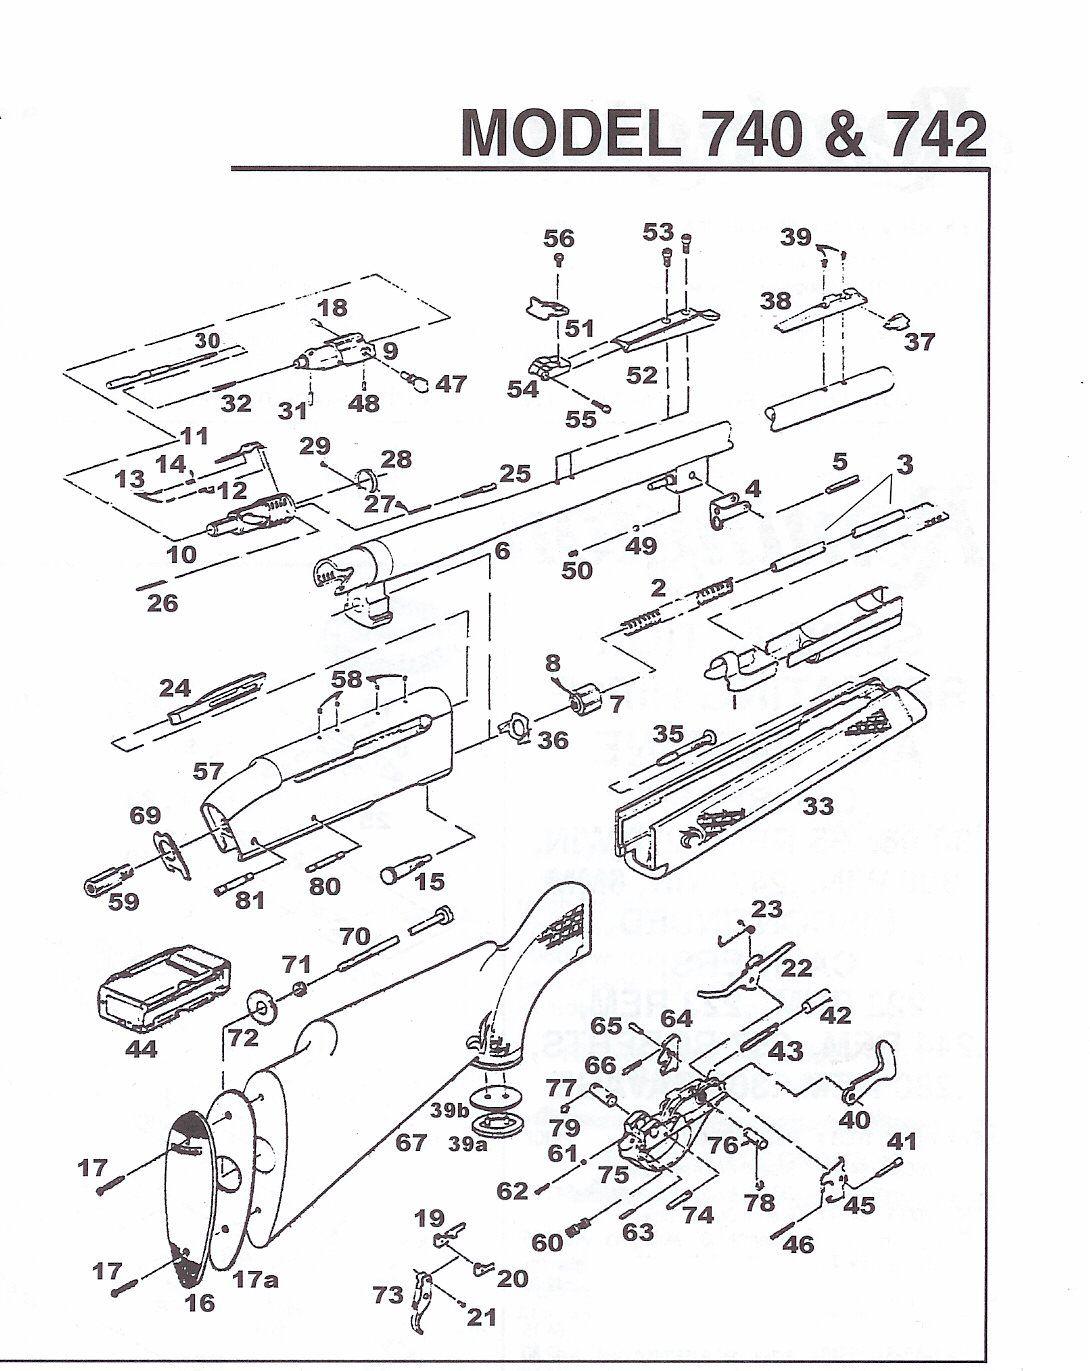 Remington woodsmaster 742 bing images 742 pinterest guns remington woodsmaster 742 bing images pooptronica Images